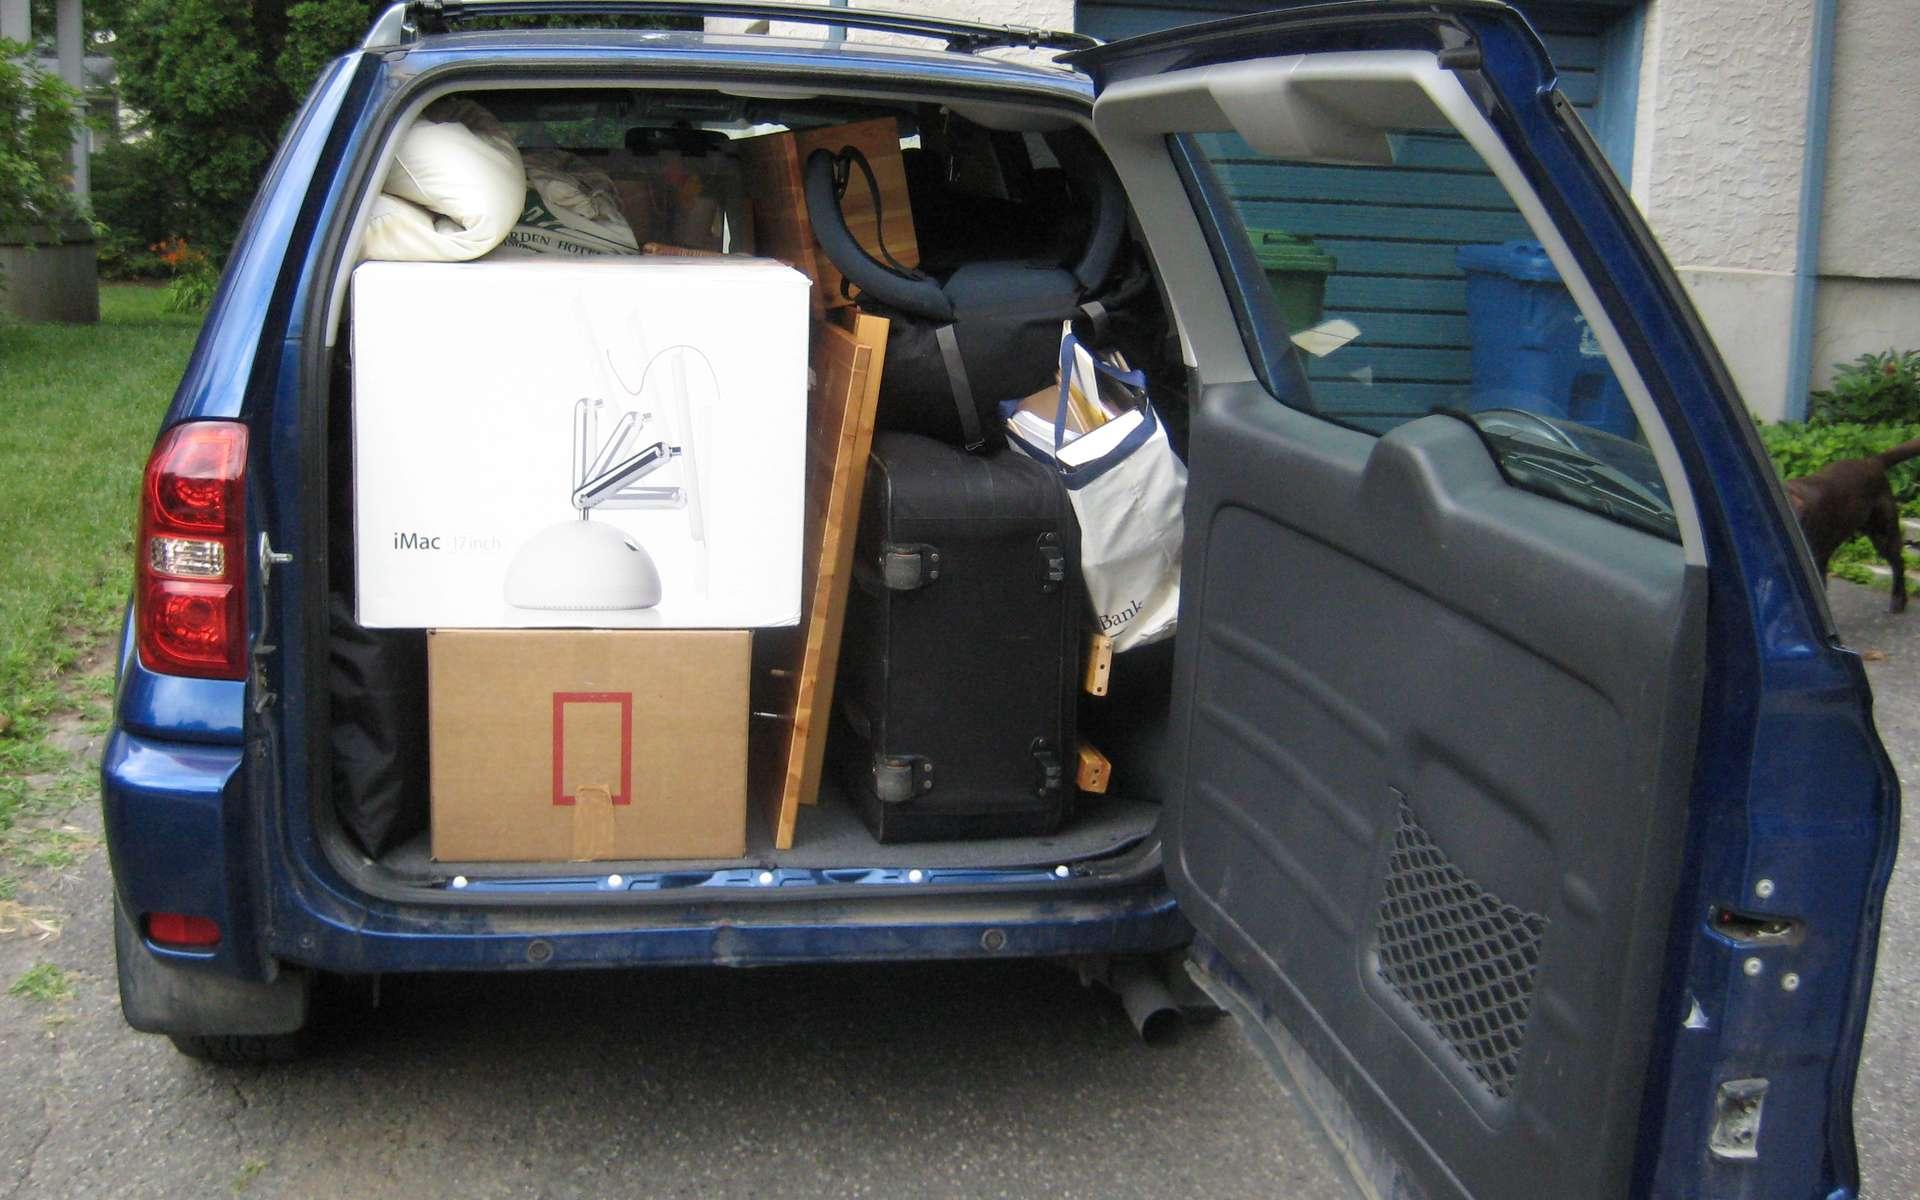 Avec le colis voiturage, il y a de quoi voyager le coffre plein. © Vanou, Wikimedia Commons, cc by nc nd 2.0